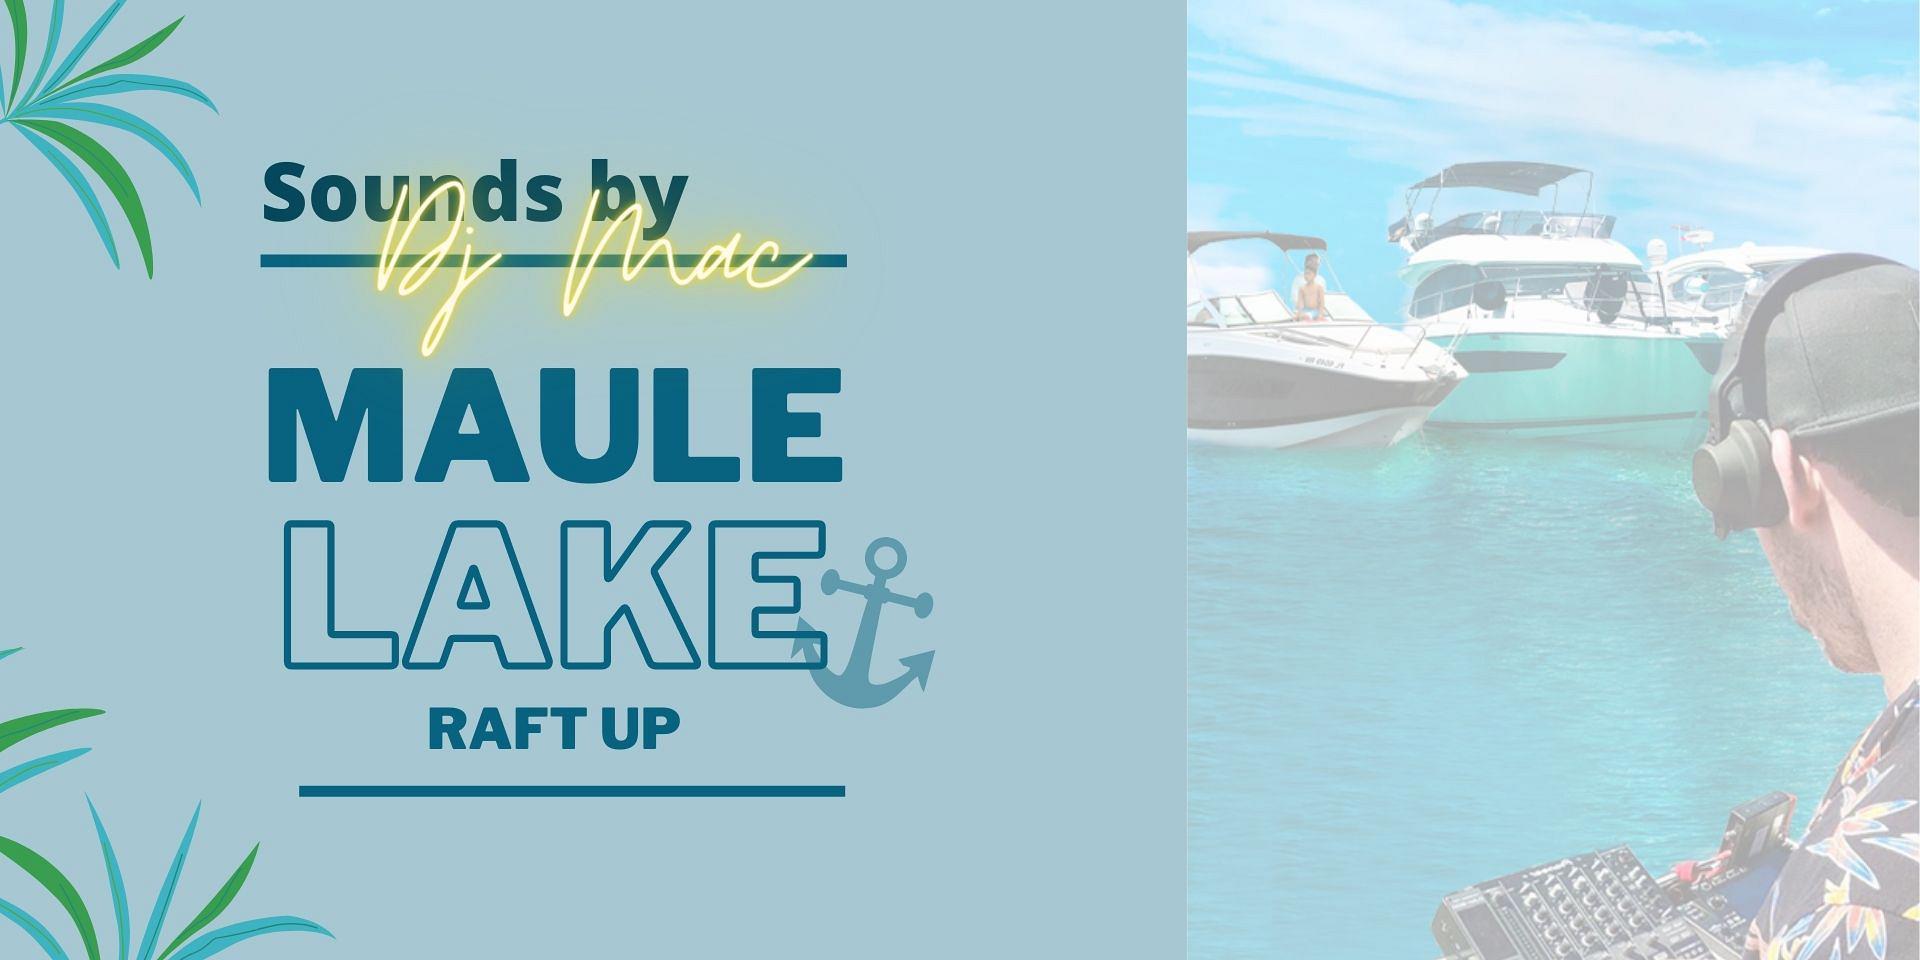 MAULE LAKE RAFT UP